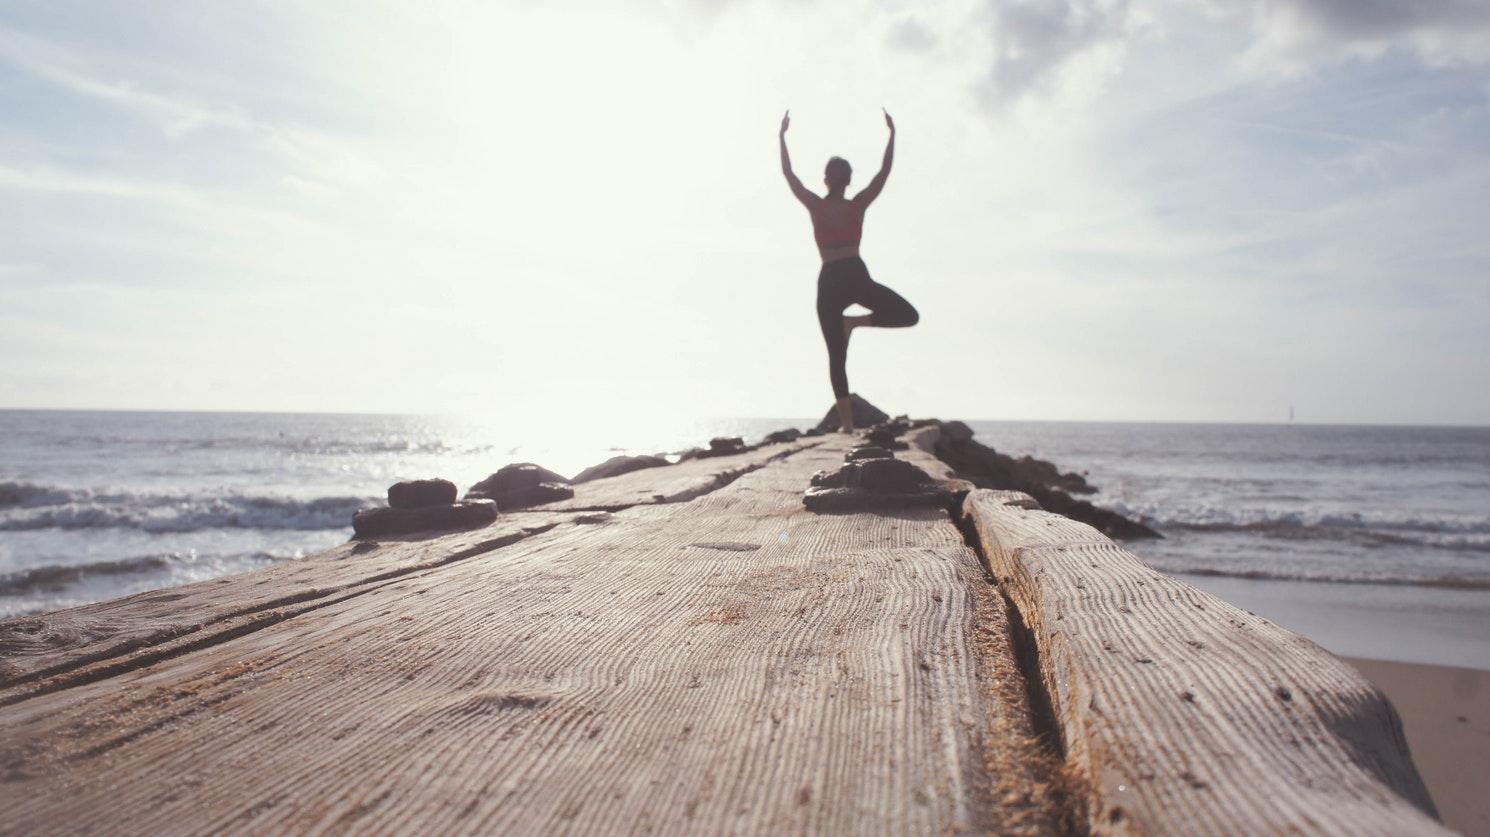 photo 1484583066749 c2129489f52f - ¿Pensando en practicar Mindfulness en el trabajo?